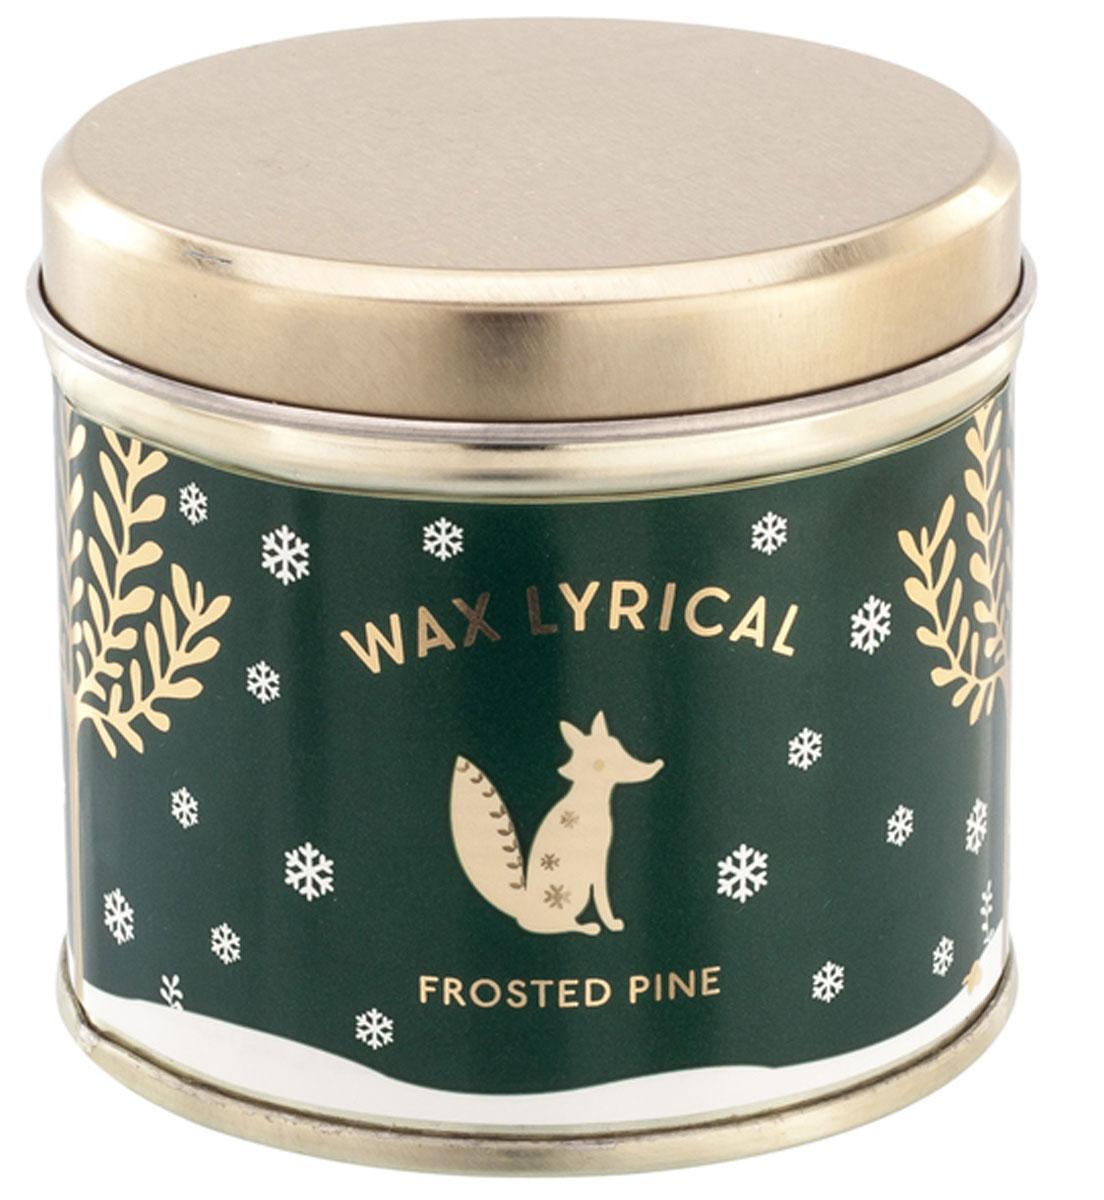 Свеча ароматизированная Wax Lyrical Зимняя сосна, 220 гCHR2024Глубокий аромат зимней хвои. Он переносит в атмосферу леса, окутанного тихой морозной ночью, которая наполняет воздух древесными нотами с прохладными зелеными аккордами.